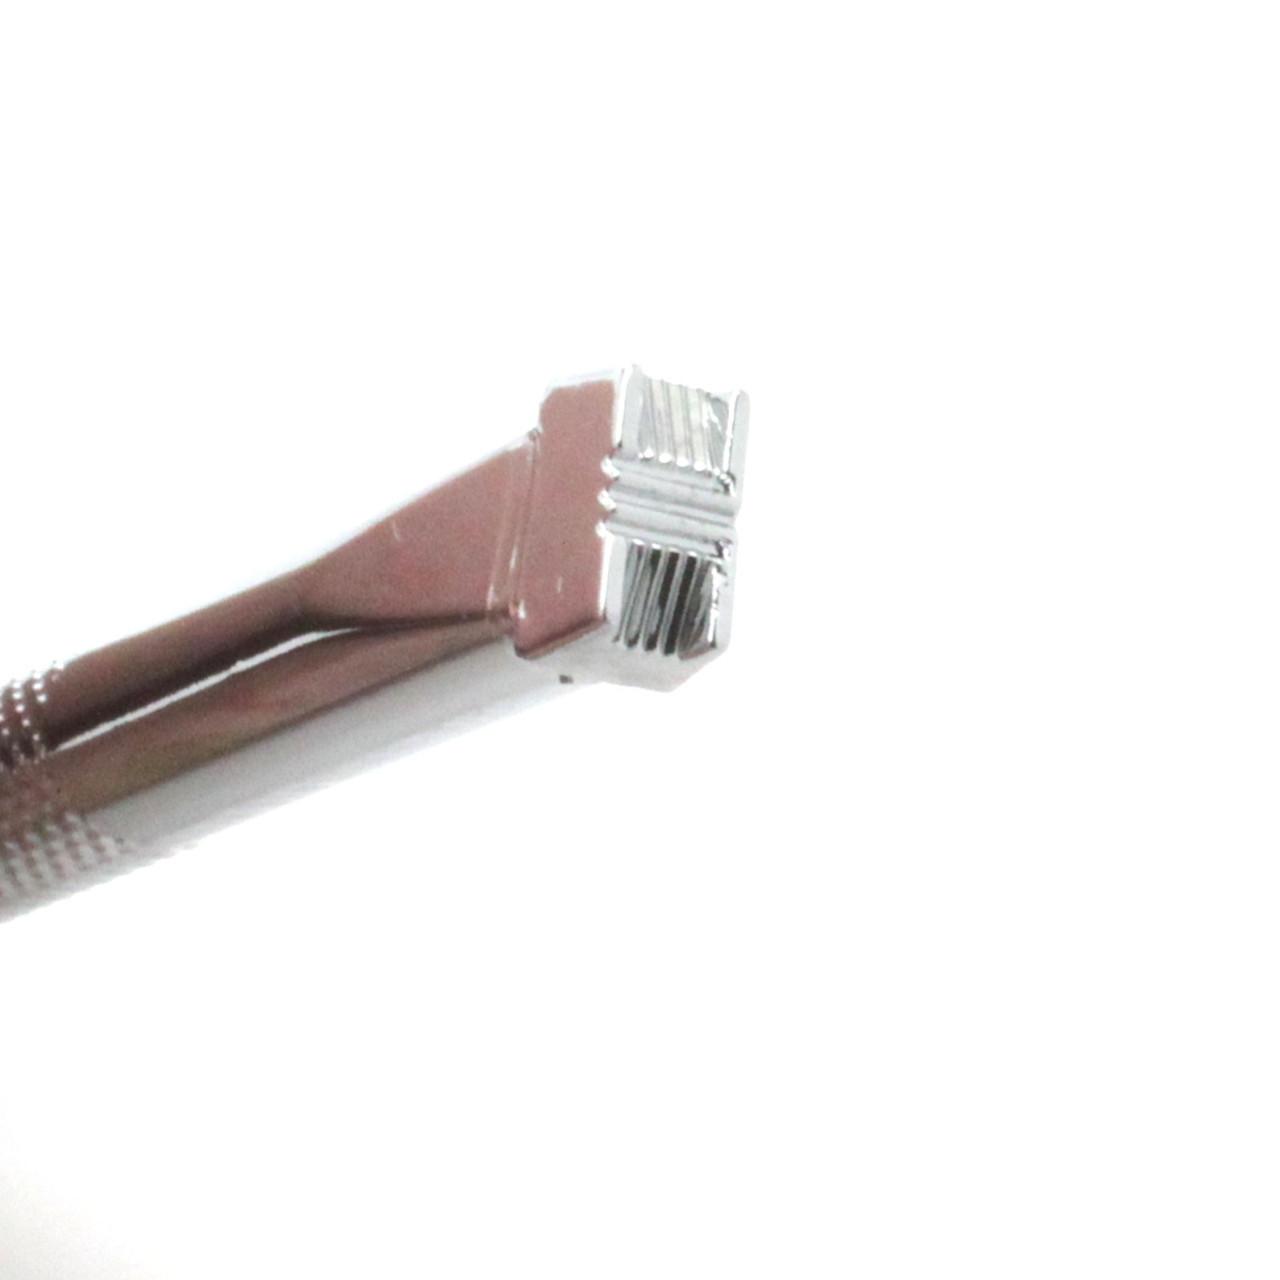 Basketweave Stamping Tool Petite X502 Head